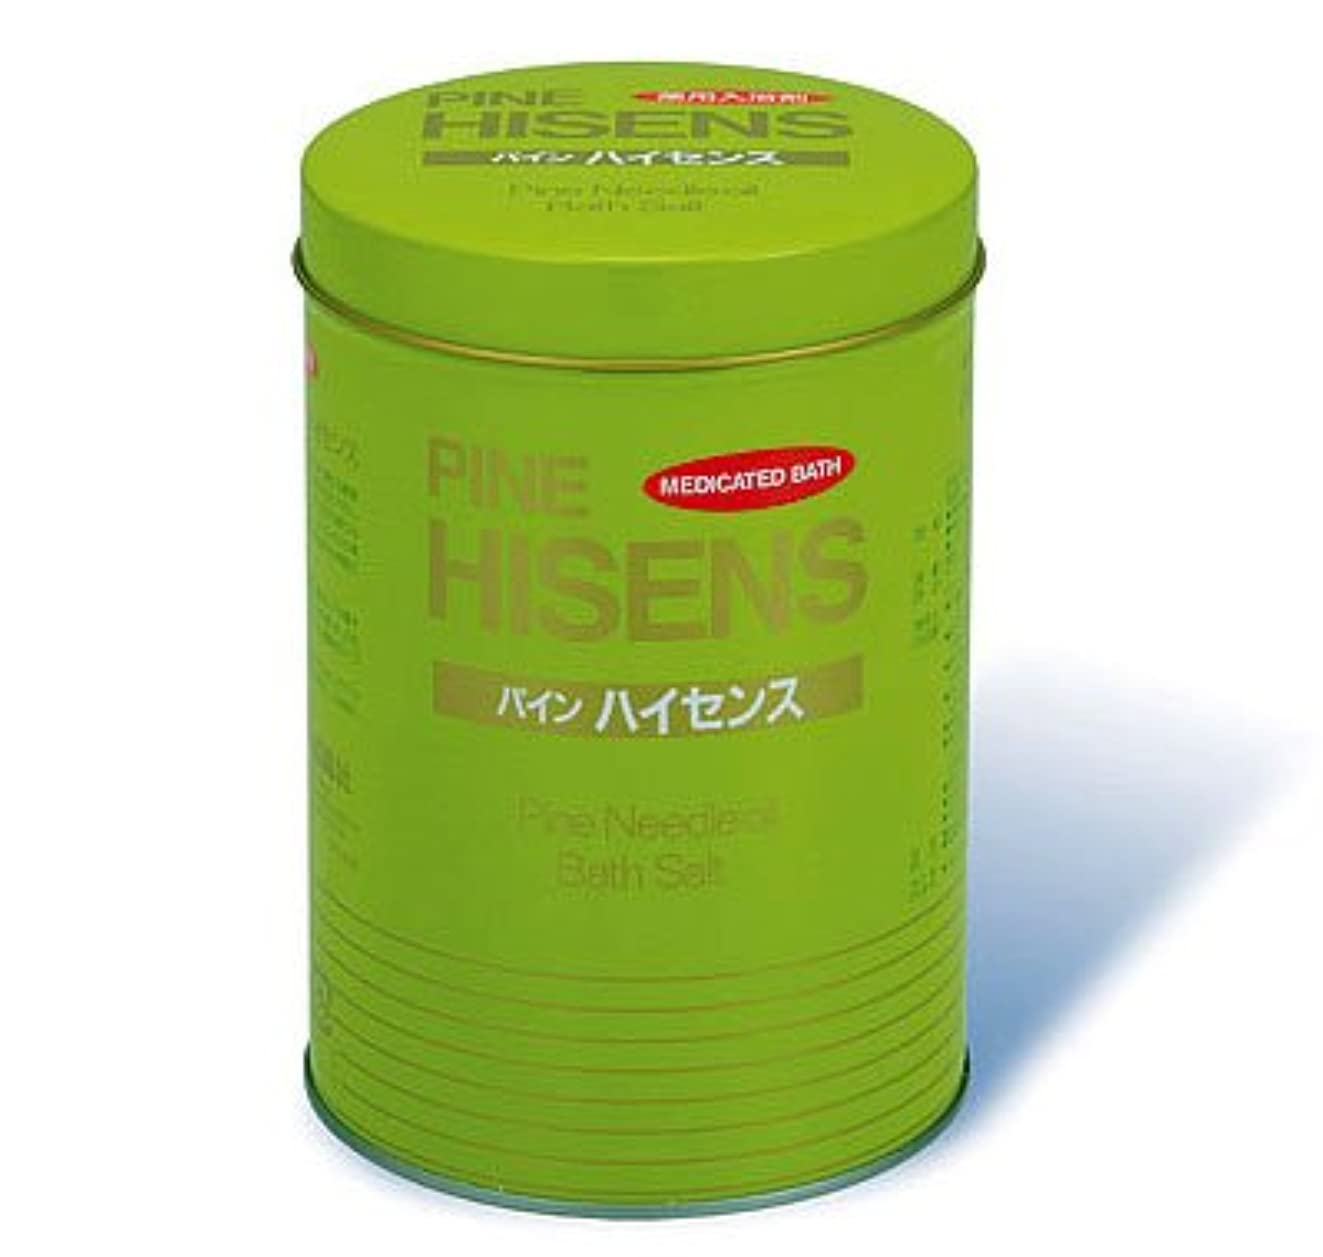 移植指精度高陽社 薬用入浴剤 パインハイセンス 2.1kg 1缶